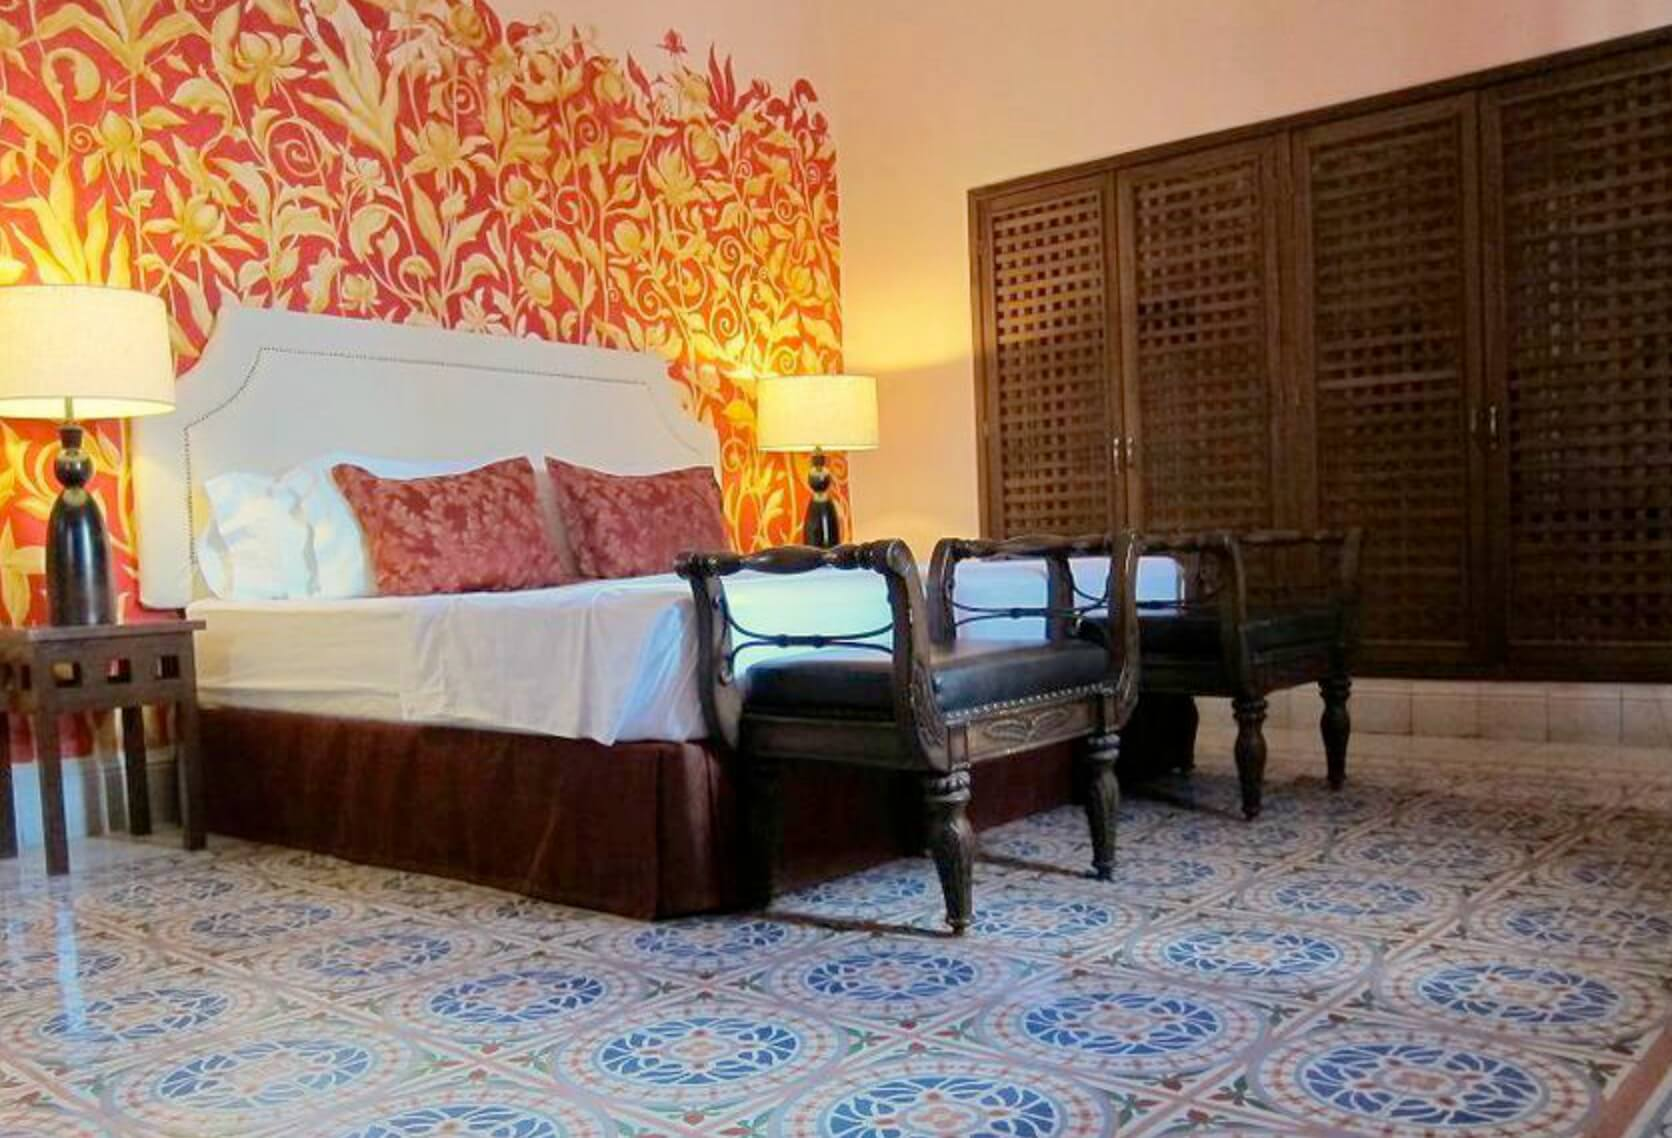 20 hoteles verdaderamente boutique en m xico m s de m xico for Hotel boutique mexico